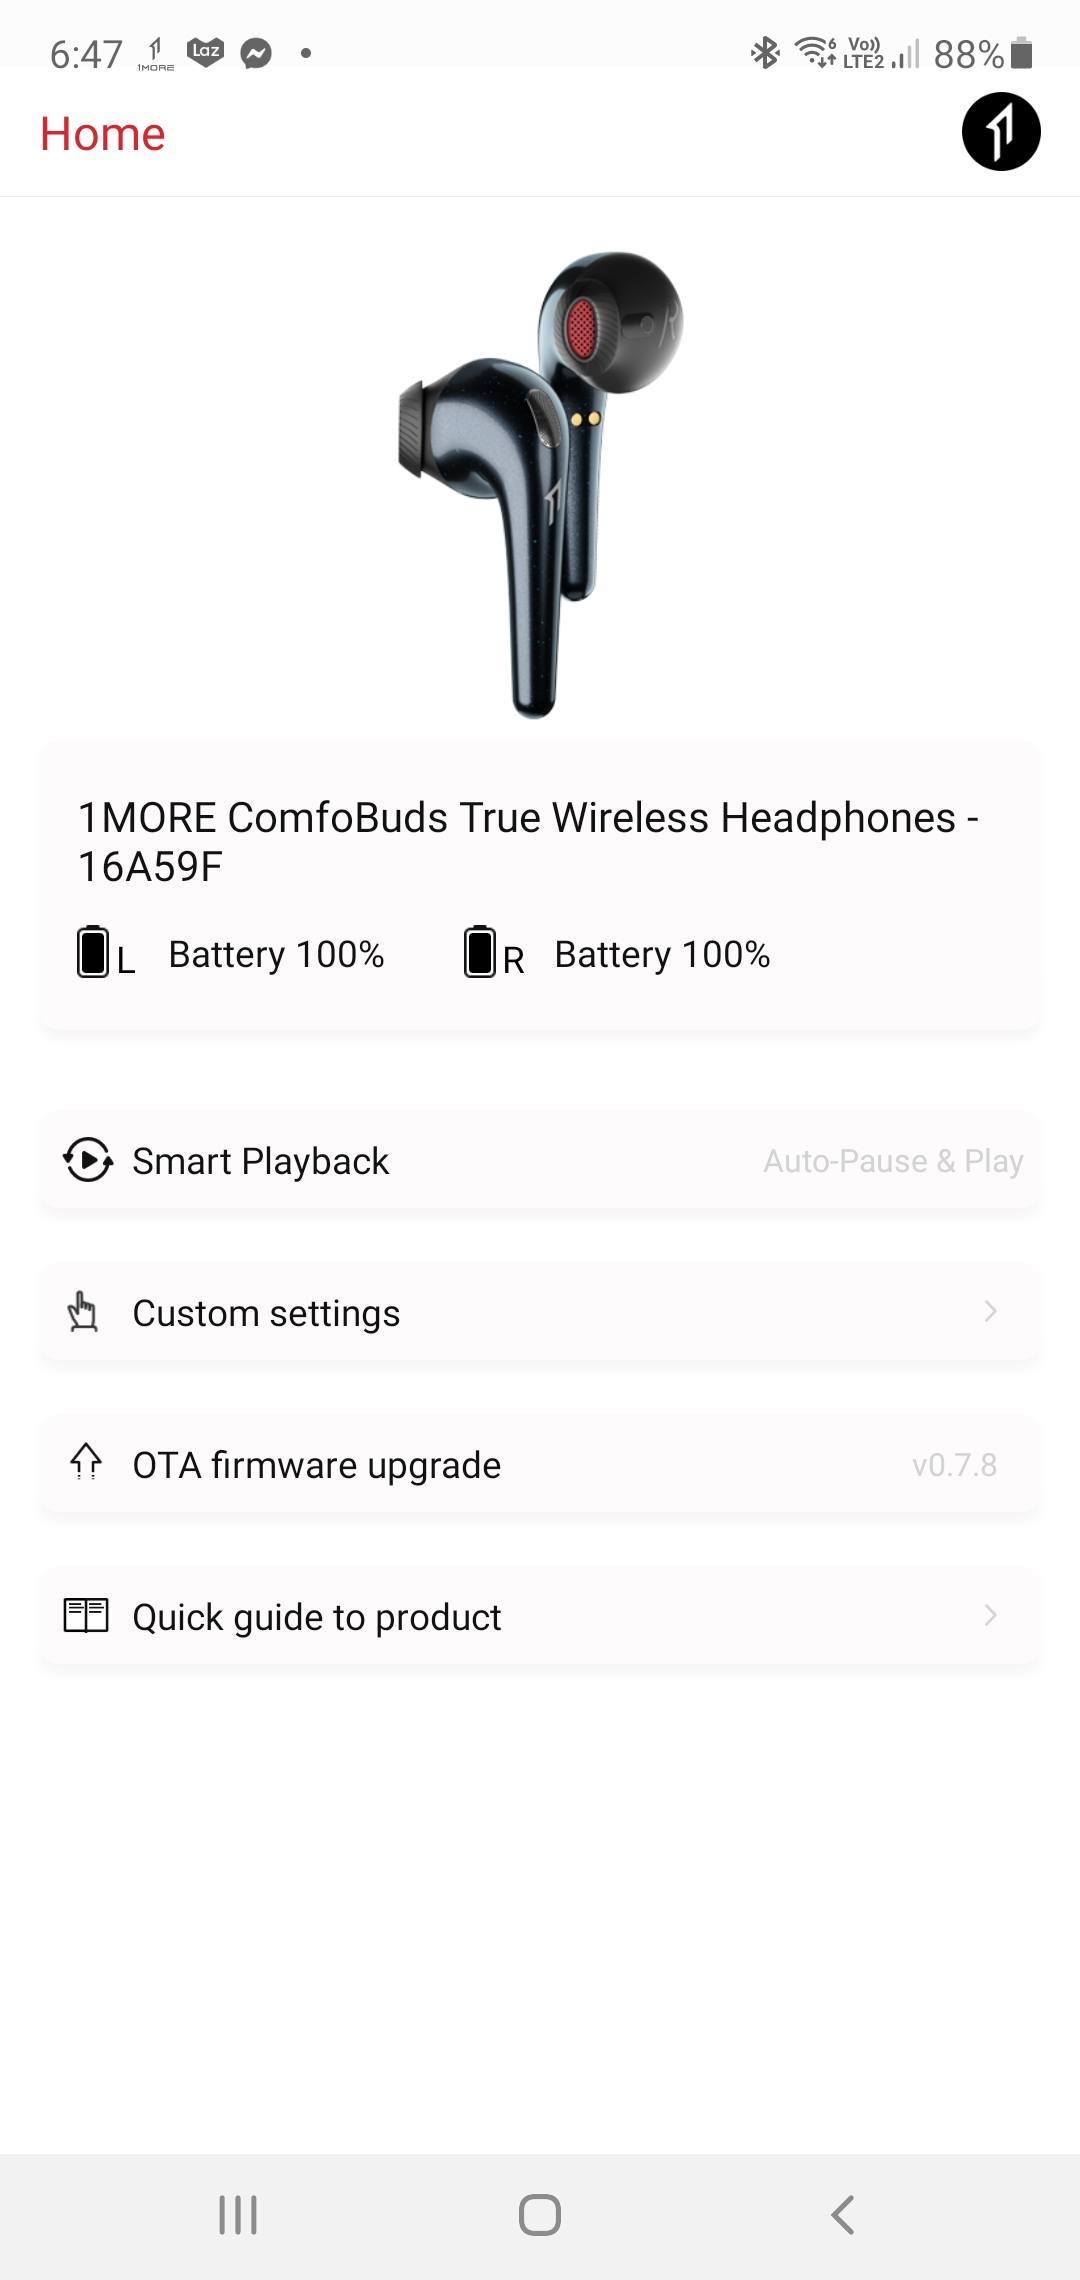 1More ComfoBuds menu options